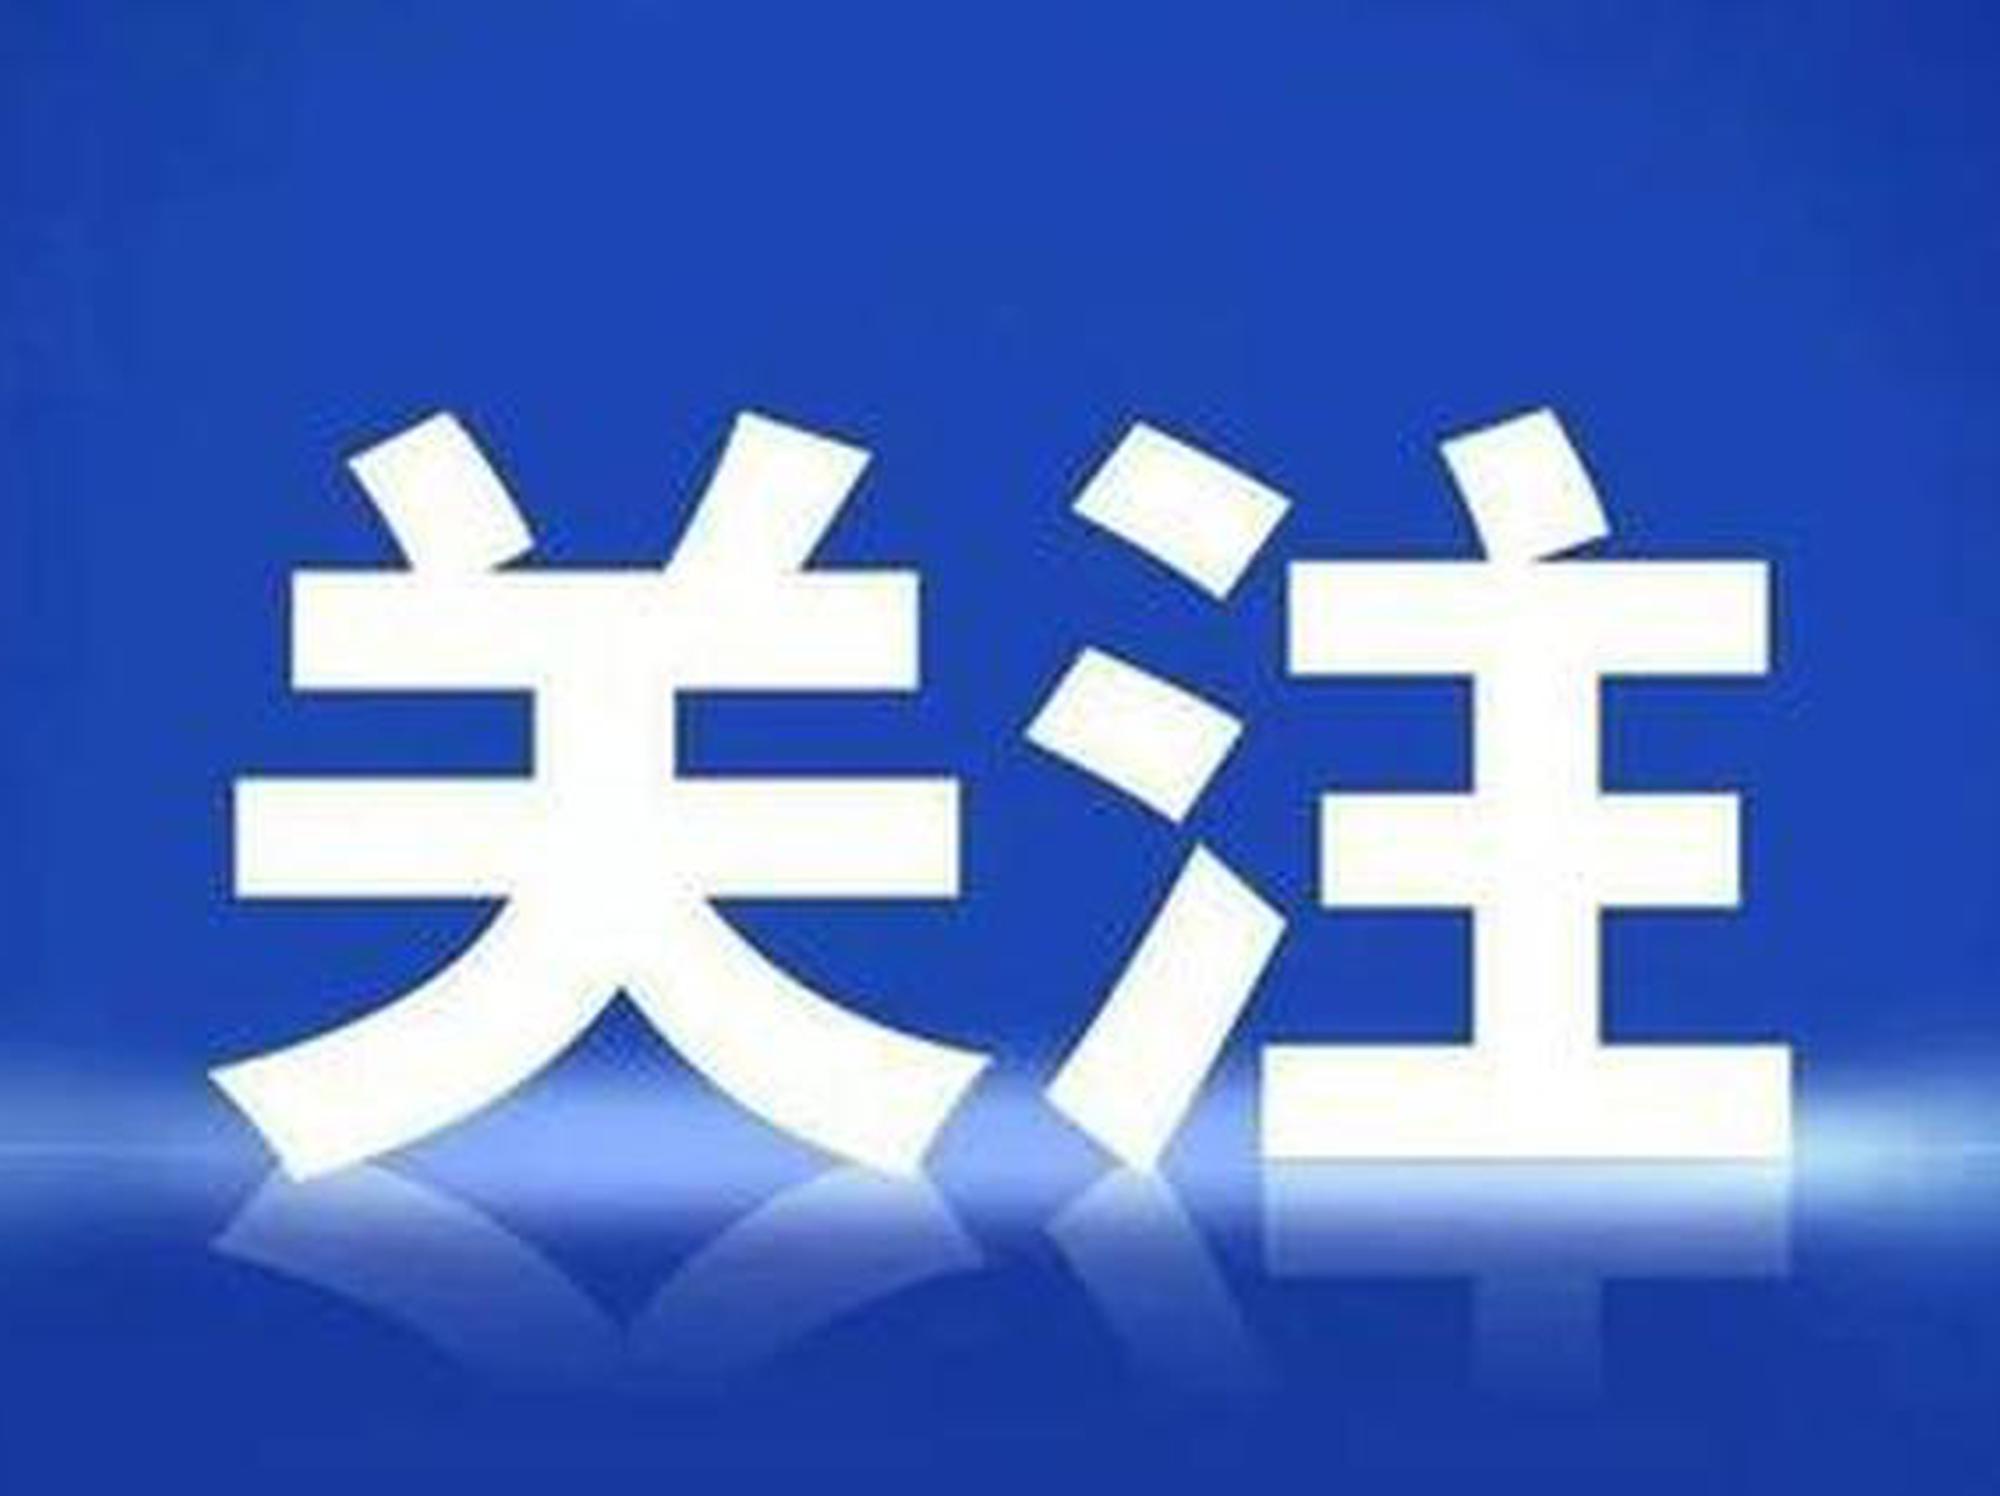 http://ah.sina.com.cn/news/2021-01-26/detail-ikftpnny1880547.shtml